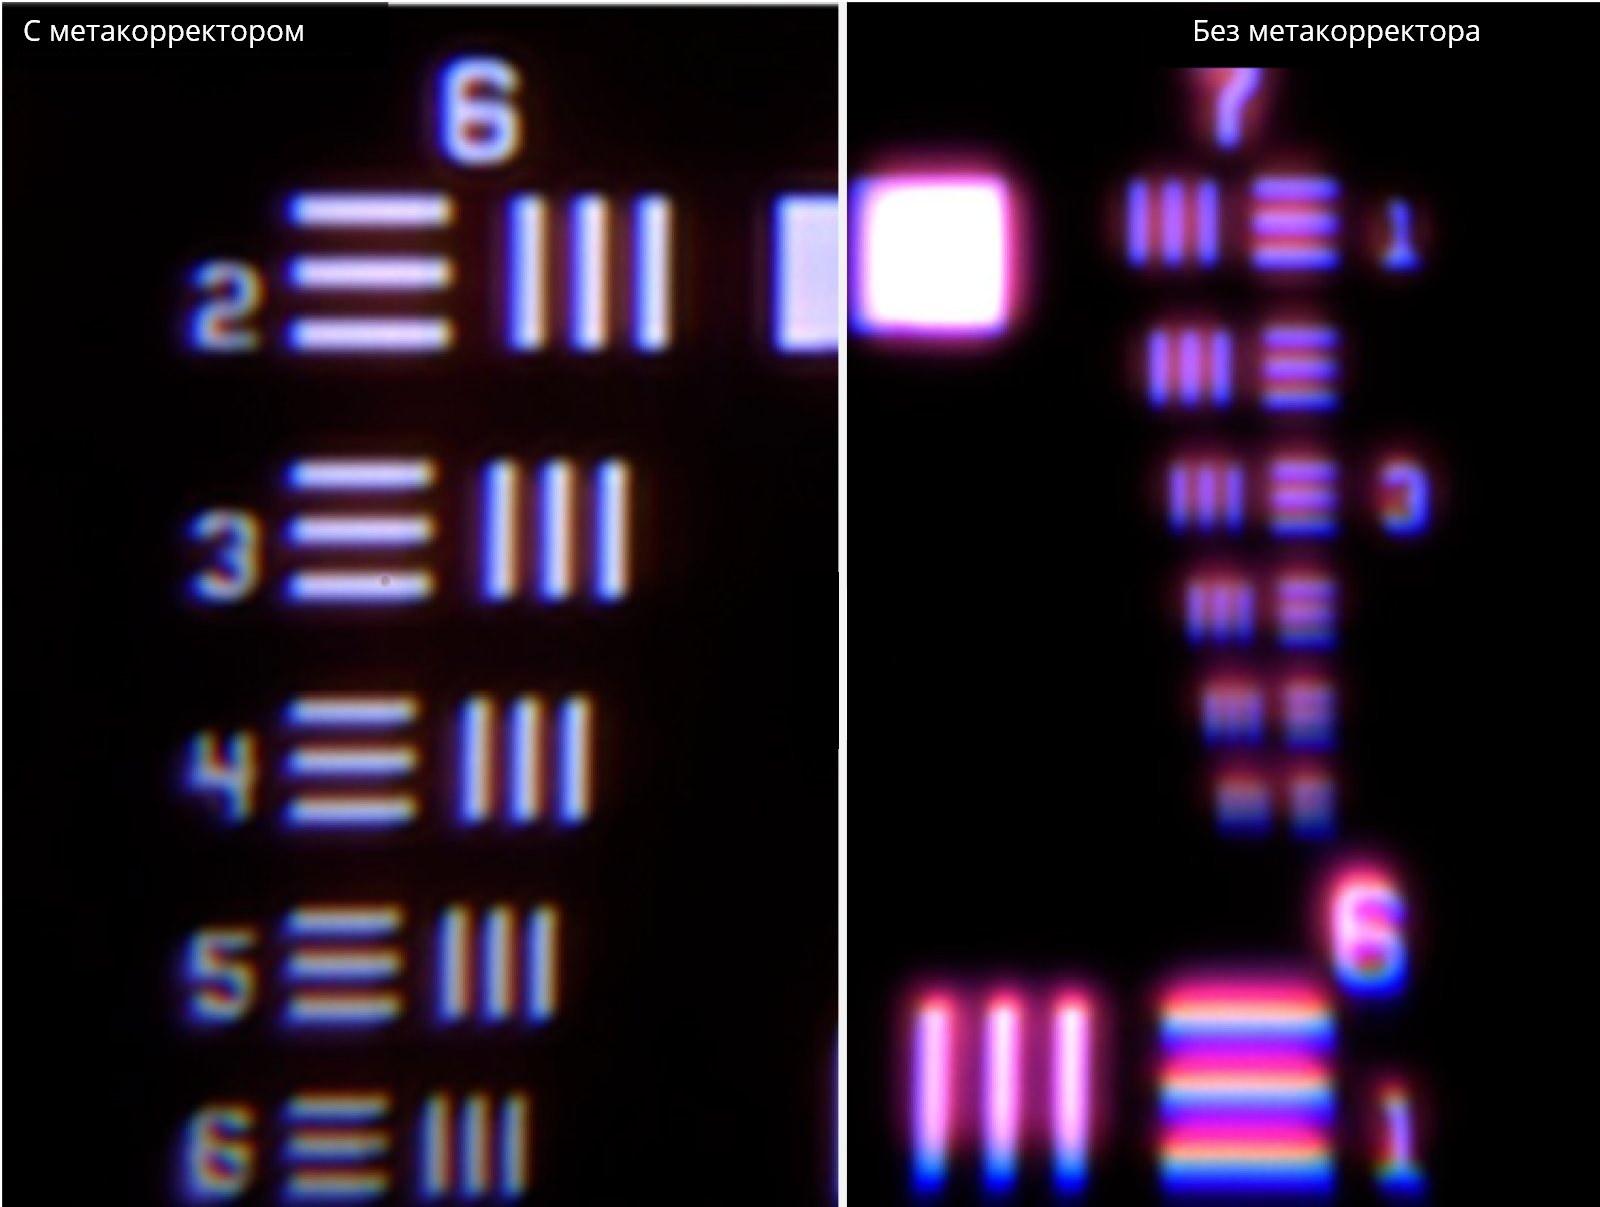 Изображение с оптикой, которая использует метакорректор